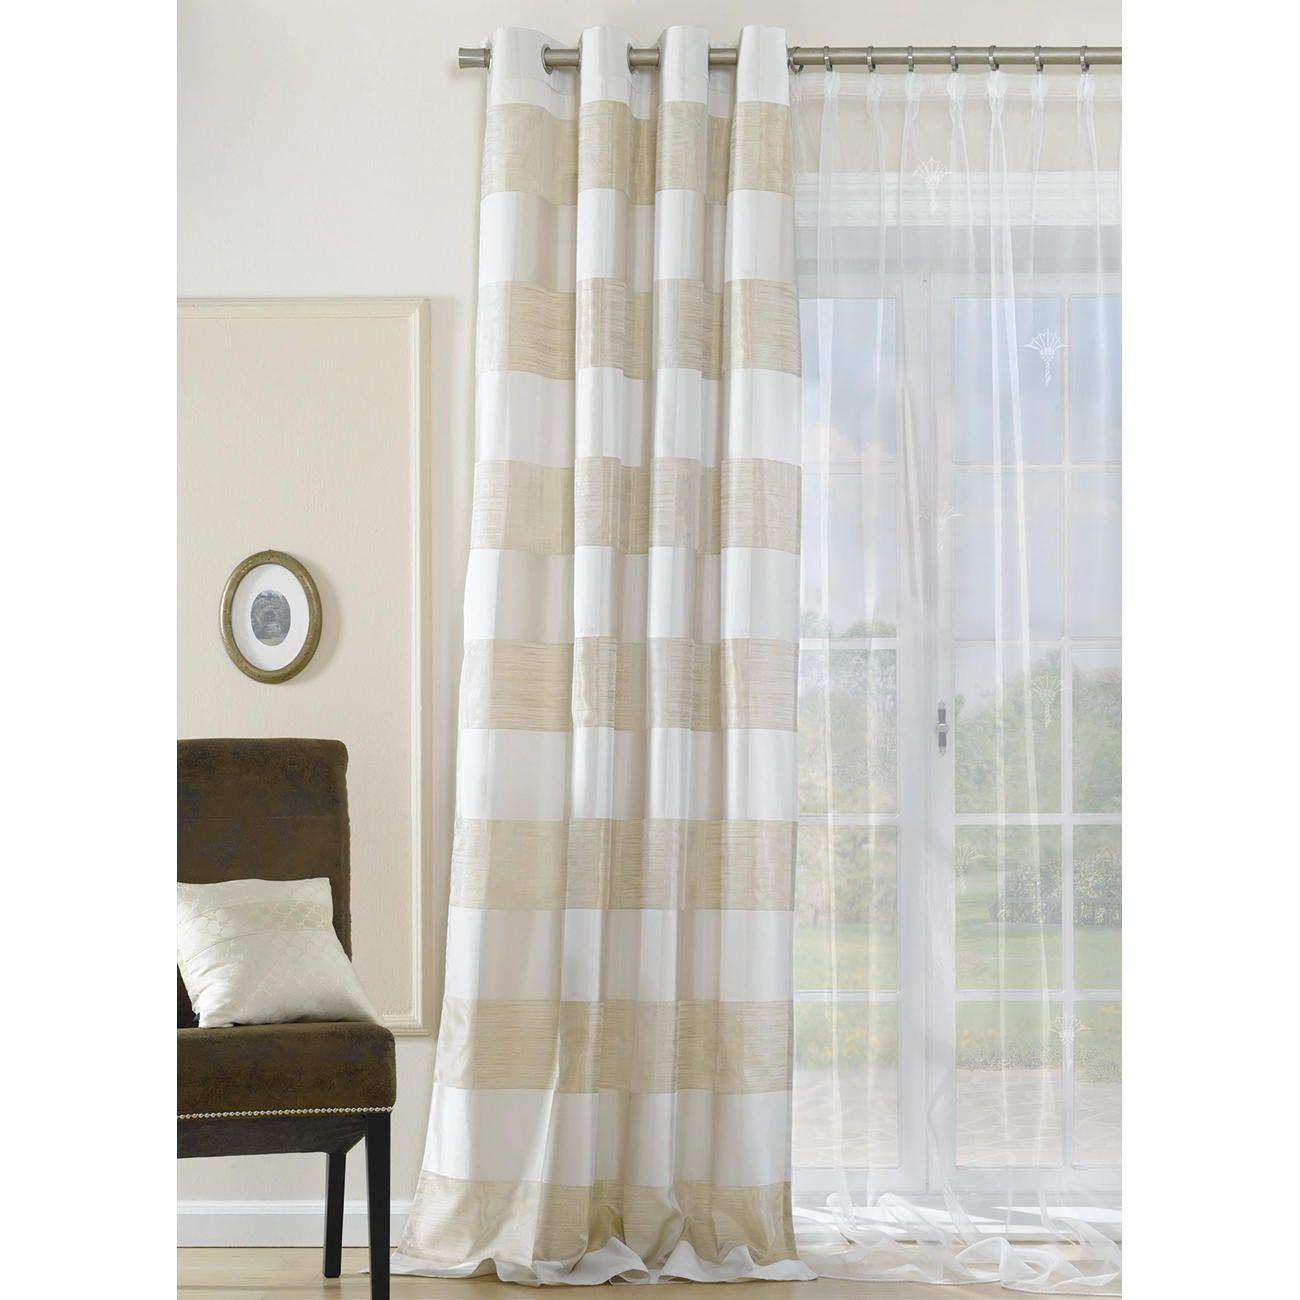 vorhang  vorhang with vorhang  fabulous vorhang gardine blickdicht matt schal aus microsatin